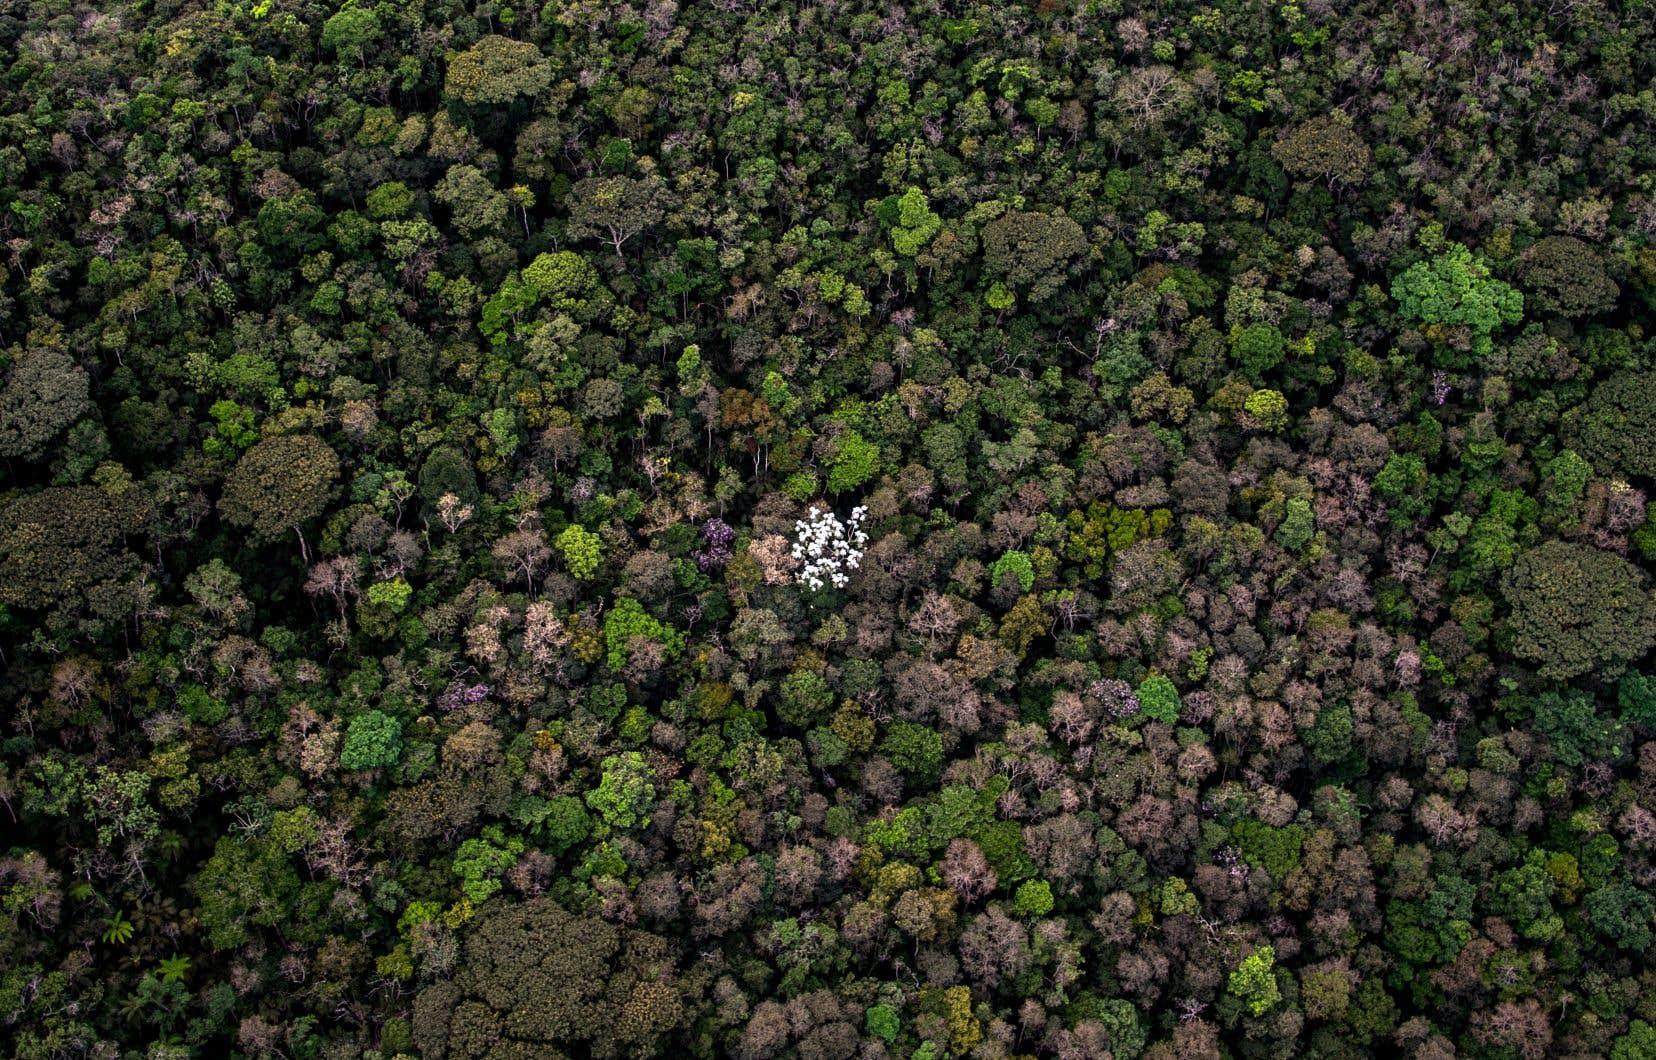 Les cinq pays où les massifs forestiers pourraient réduire le plus les émissions de CO2 sont le Brésil (ci-dessus), l'Indonésie, la Chine, la Russie et l'Inde.